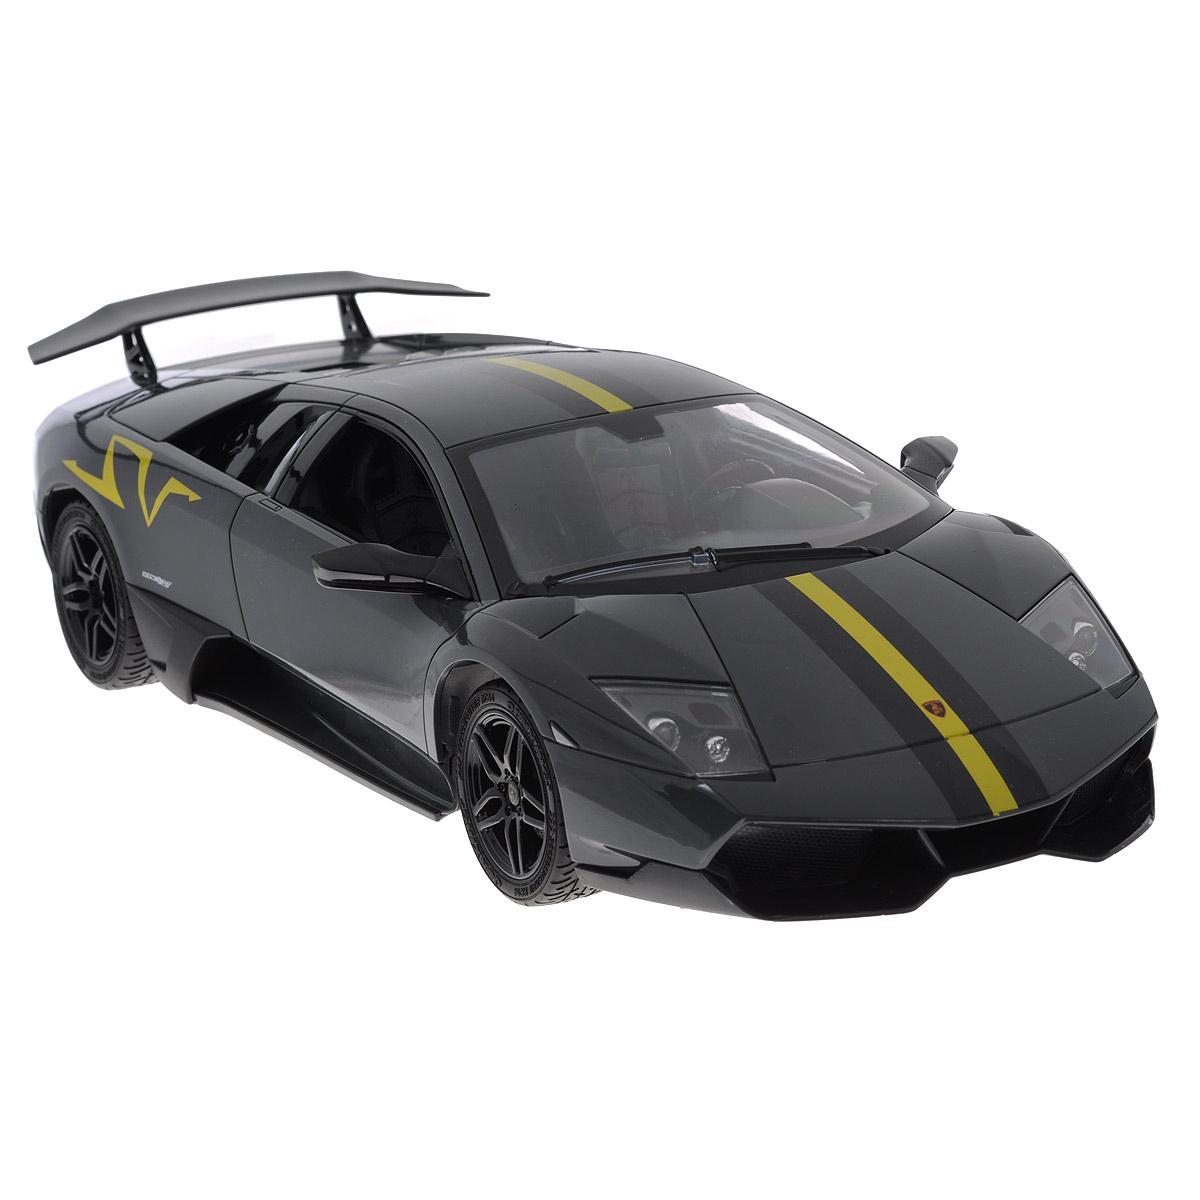 """Радиоуправляемая модель TopGear """"Lamborghini Murcielago LP 670-4"""" привлечет внимание не только ребенка, но и взрослого и станет отличным подарком любителю гонок. Машинка является точной уменьшенной копией автомобиля в масштабе 1:14. Машинка изготовлена из прочного легкого пластика, шины выполнены из мягкой резины. Фары машины светятся. Машинка при помощи пульта управления может перемещаться вперед, дает задний ход, поворачивает влево и вправо, останавливается. В комплект входит машинка, пульт управления, блок питания, аккумулятор и 2 батарейки типа AA 1,5V Ваш ребенок часами будет играть с моделью, придумывая различные истории и устраивая соревнования. Порадуйте его таким замечательным подарком! УВАЖАЕМЫЕ КЛИЕНТЫ! Обращаем ваше внимание на тот факт, что для работы игрушки рекомендуется докупить 2 батарейки типа АА 1,5V для пульта управления (в комплект входят демонстрационные)."""